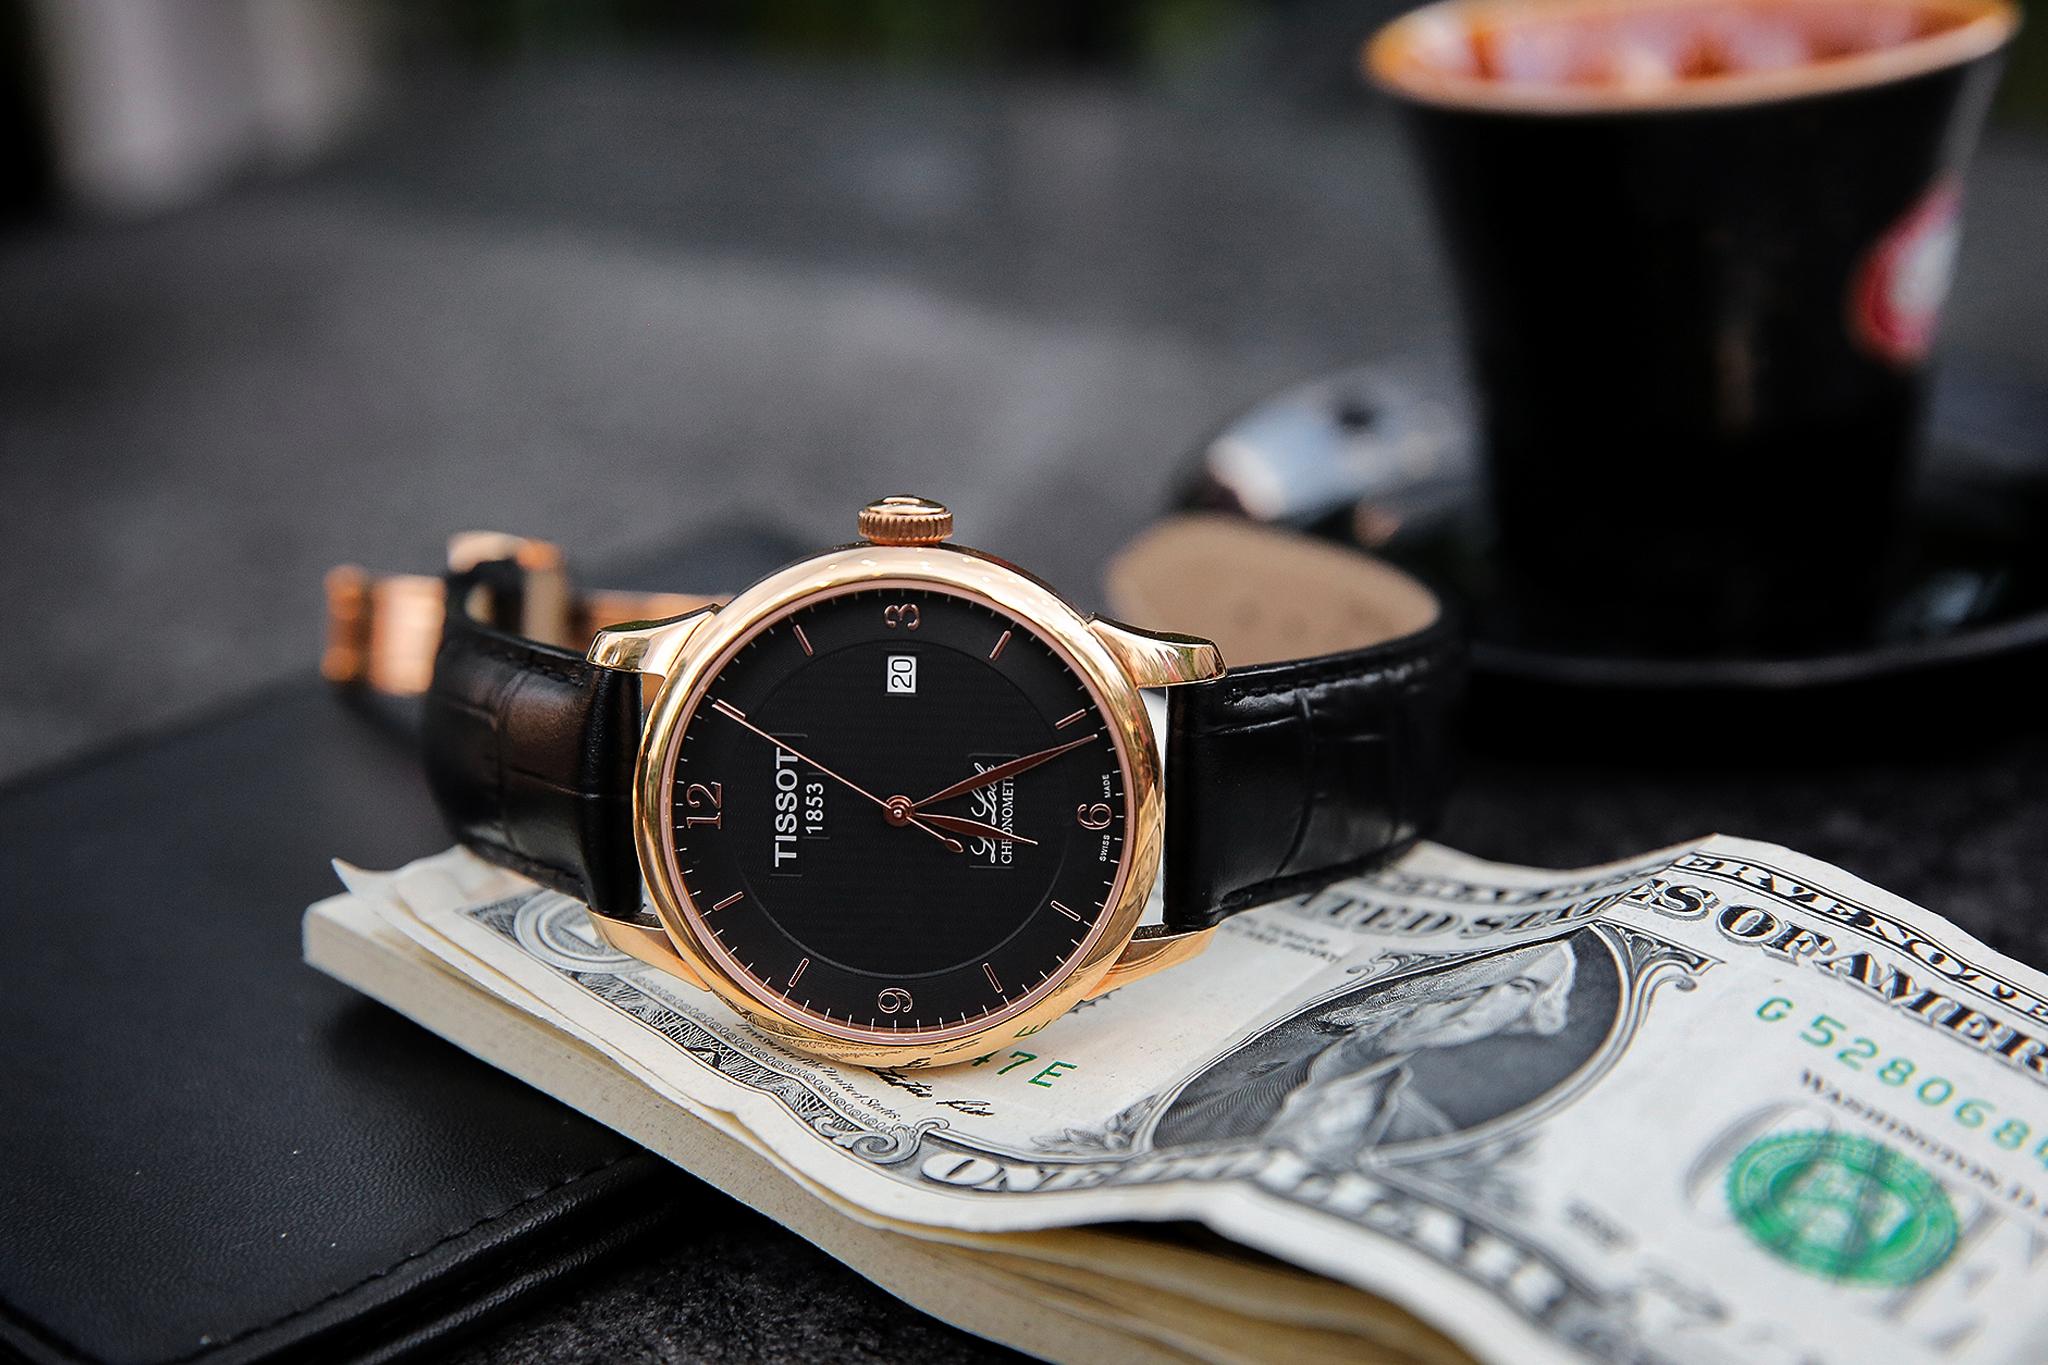 Đi tìm lời giải cho câu hỏi: Mua đồng hồ tissot chính hãng ở đâu?